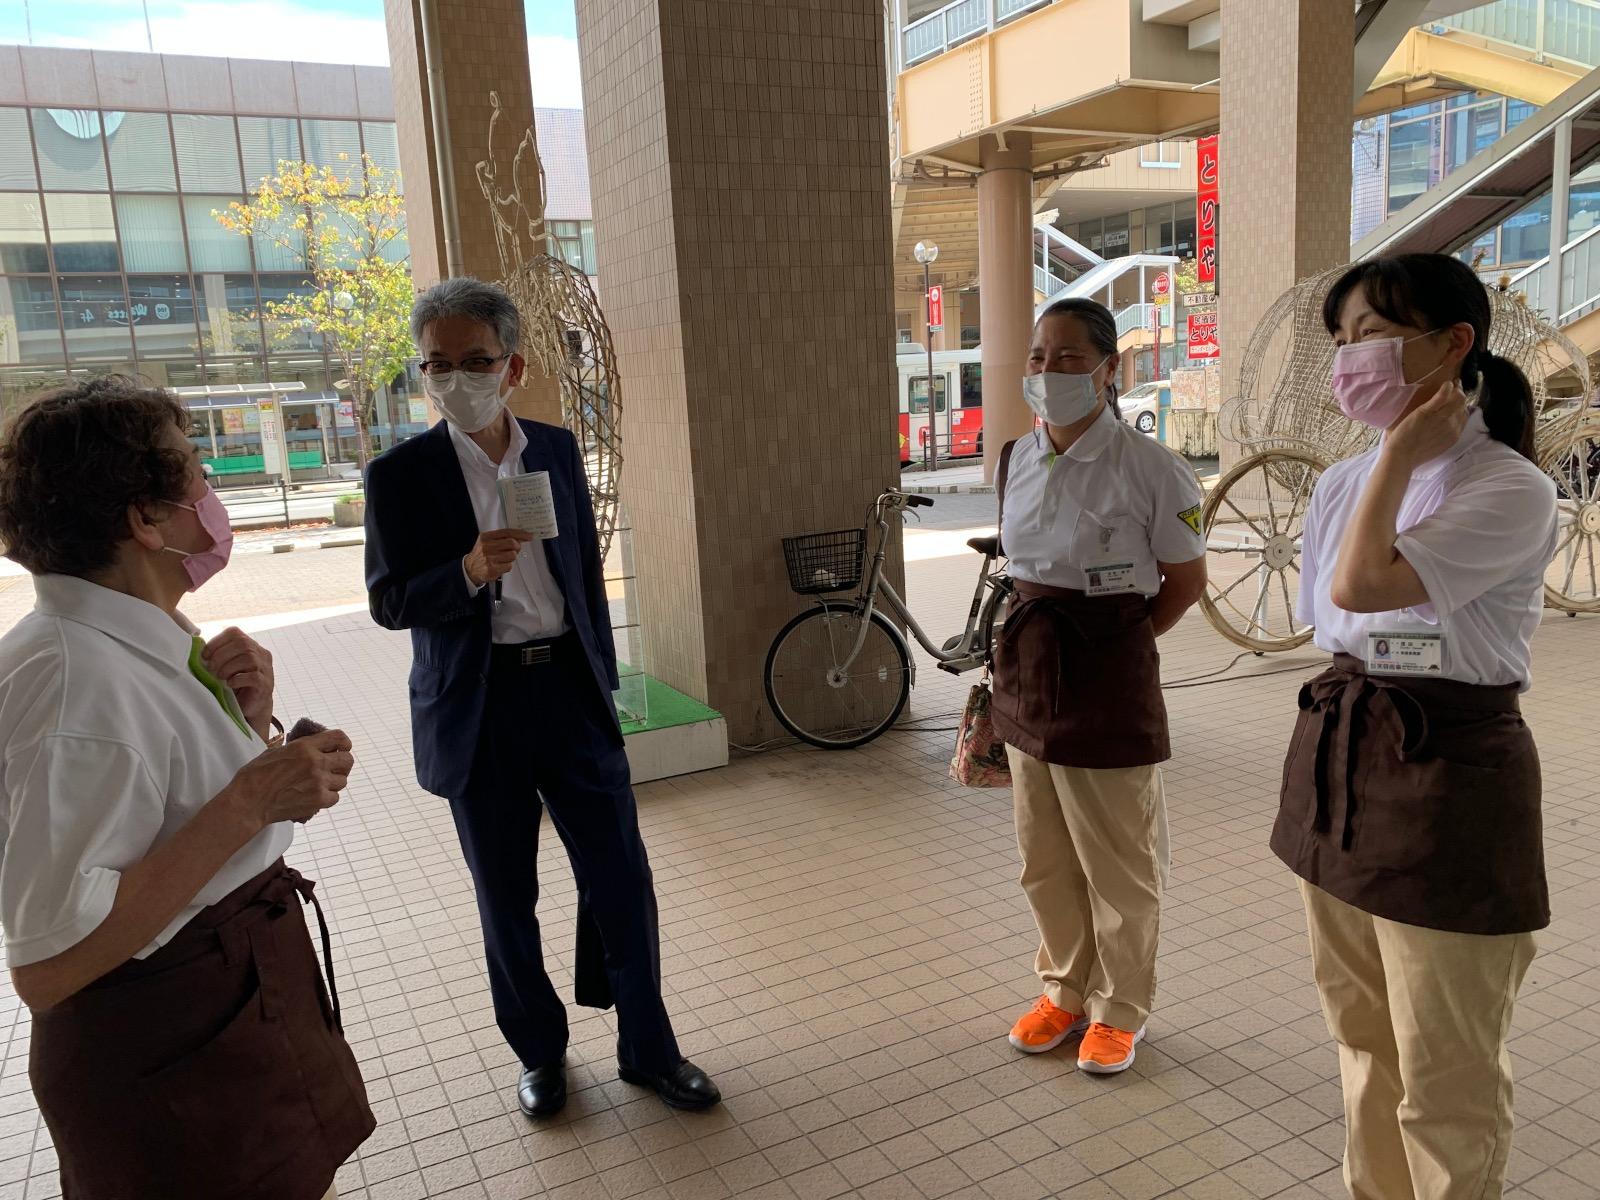 「きりしま国分山形屋と鹿銀国分支店」様1